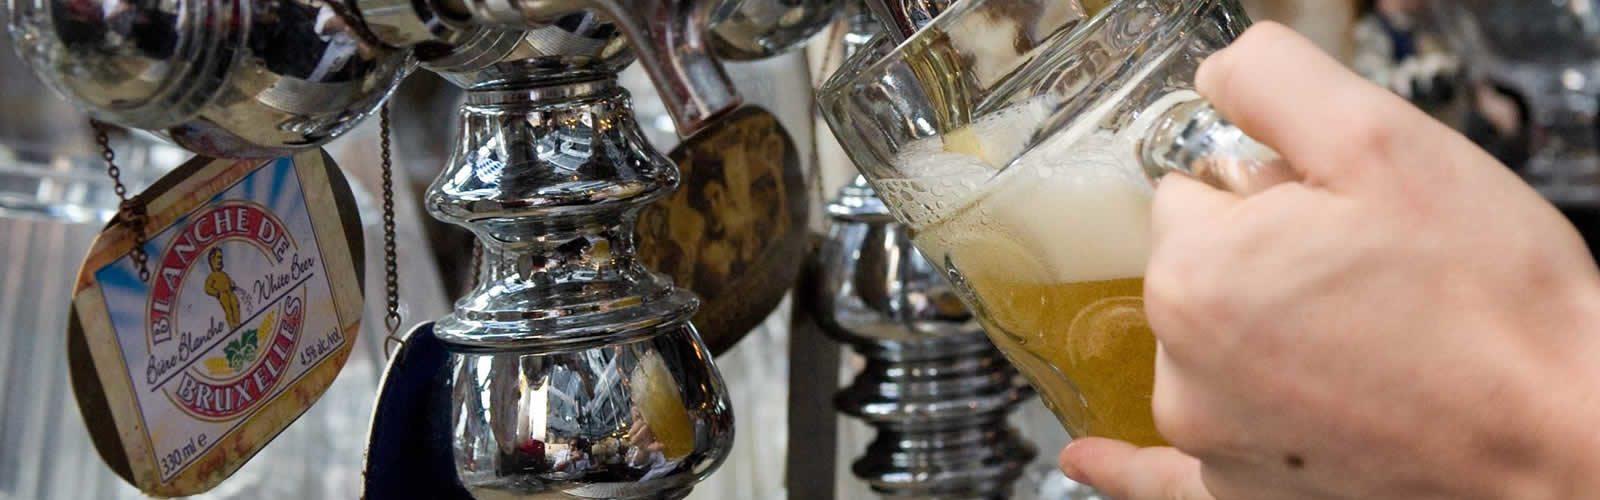 beer-garden-jardin-biere-brasserie-bars-une